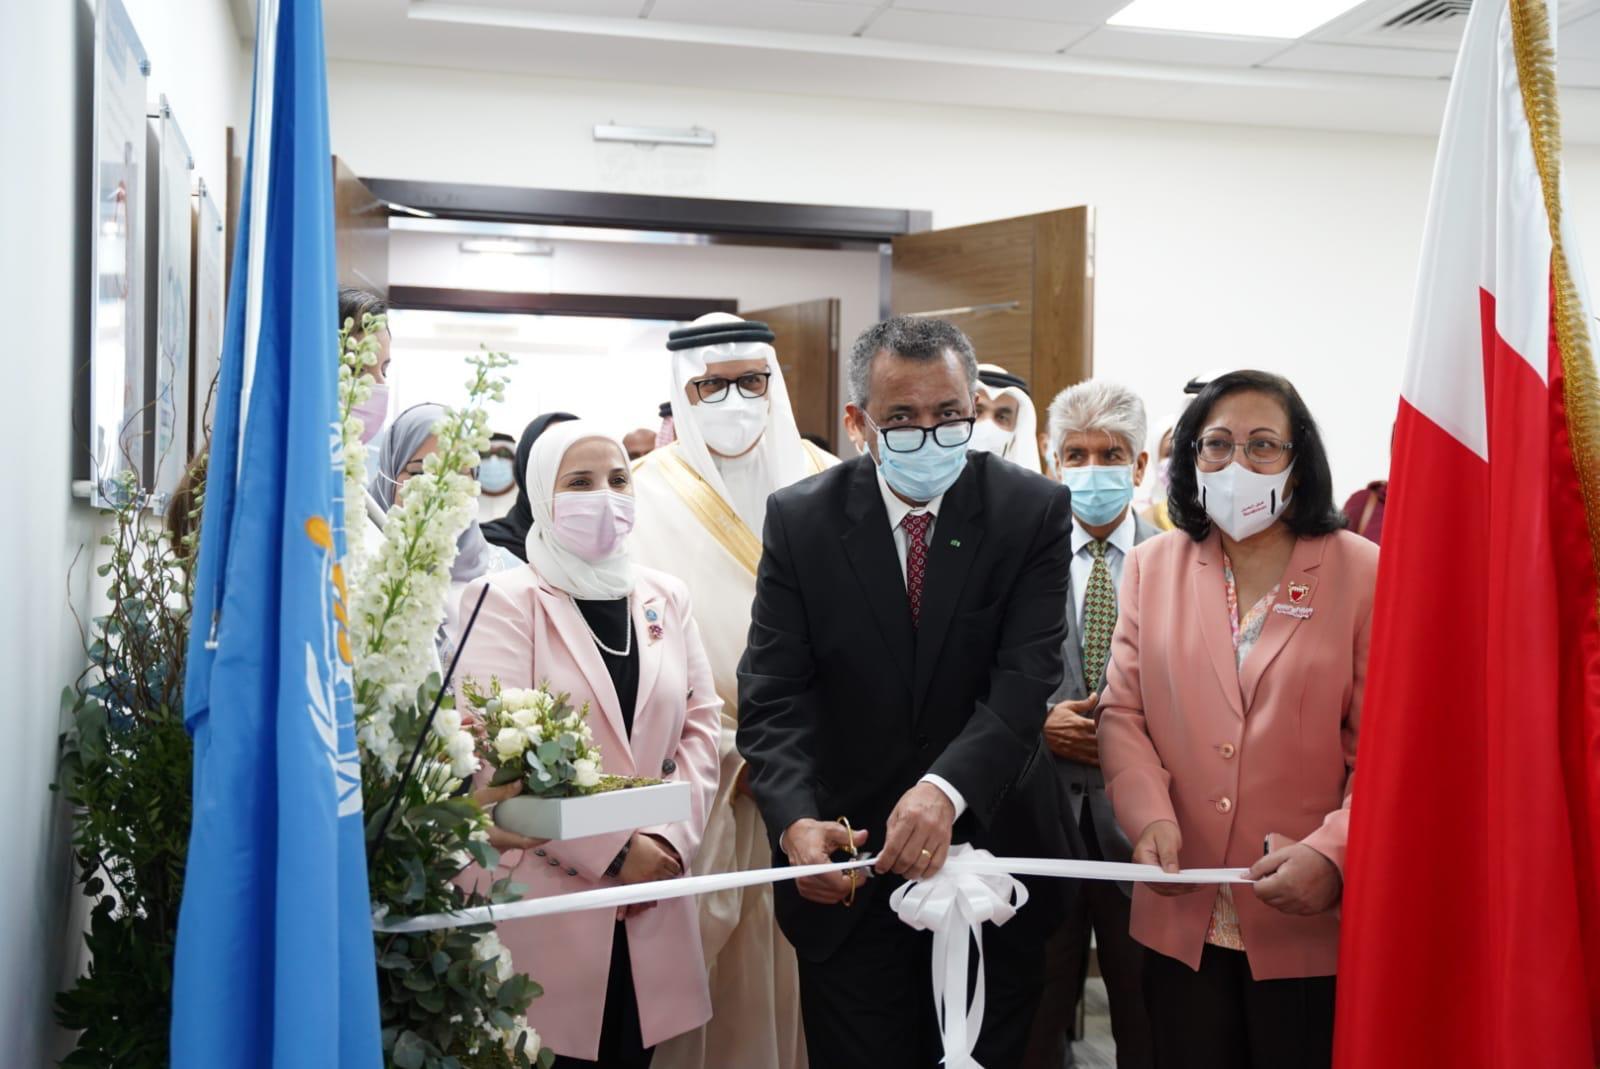 لدى افتتاحها المكتب بحضور المدير العام لمنظمة الصحة العالمية .. وزيرة الصحة: افتتاح مكتب منظمة الصحة العالمية في مملكة البحرين يُعد إضافة نوعية للقطاع الصحي بالمملكة